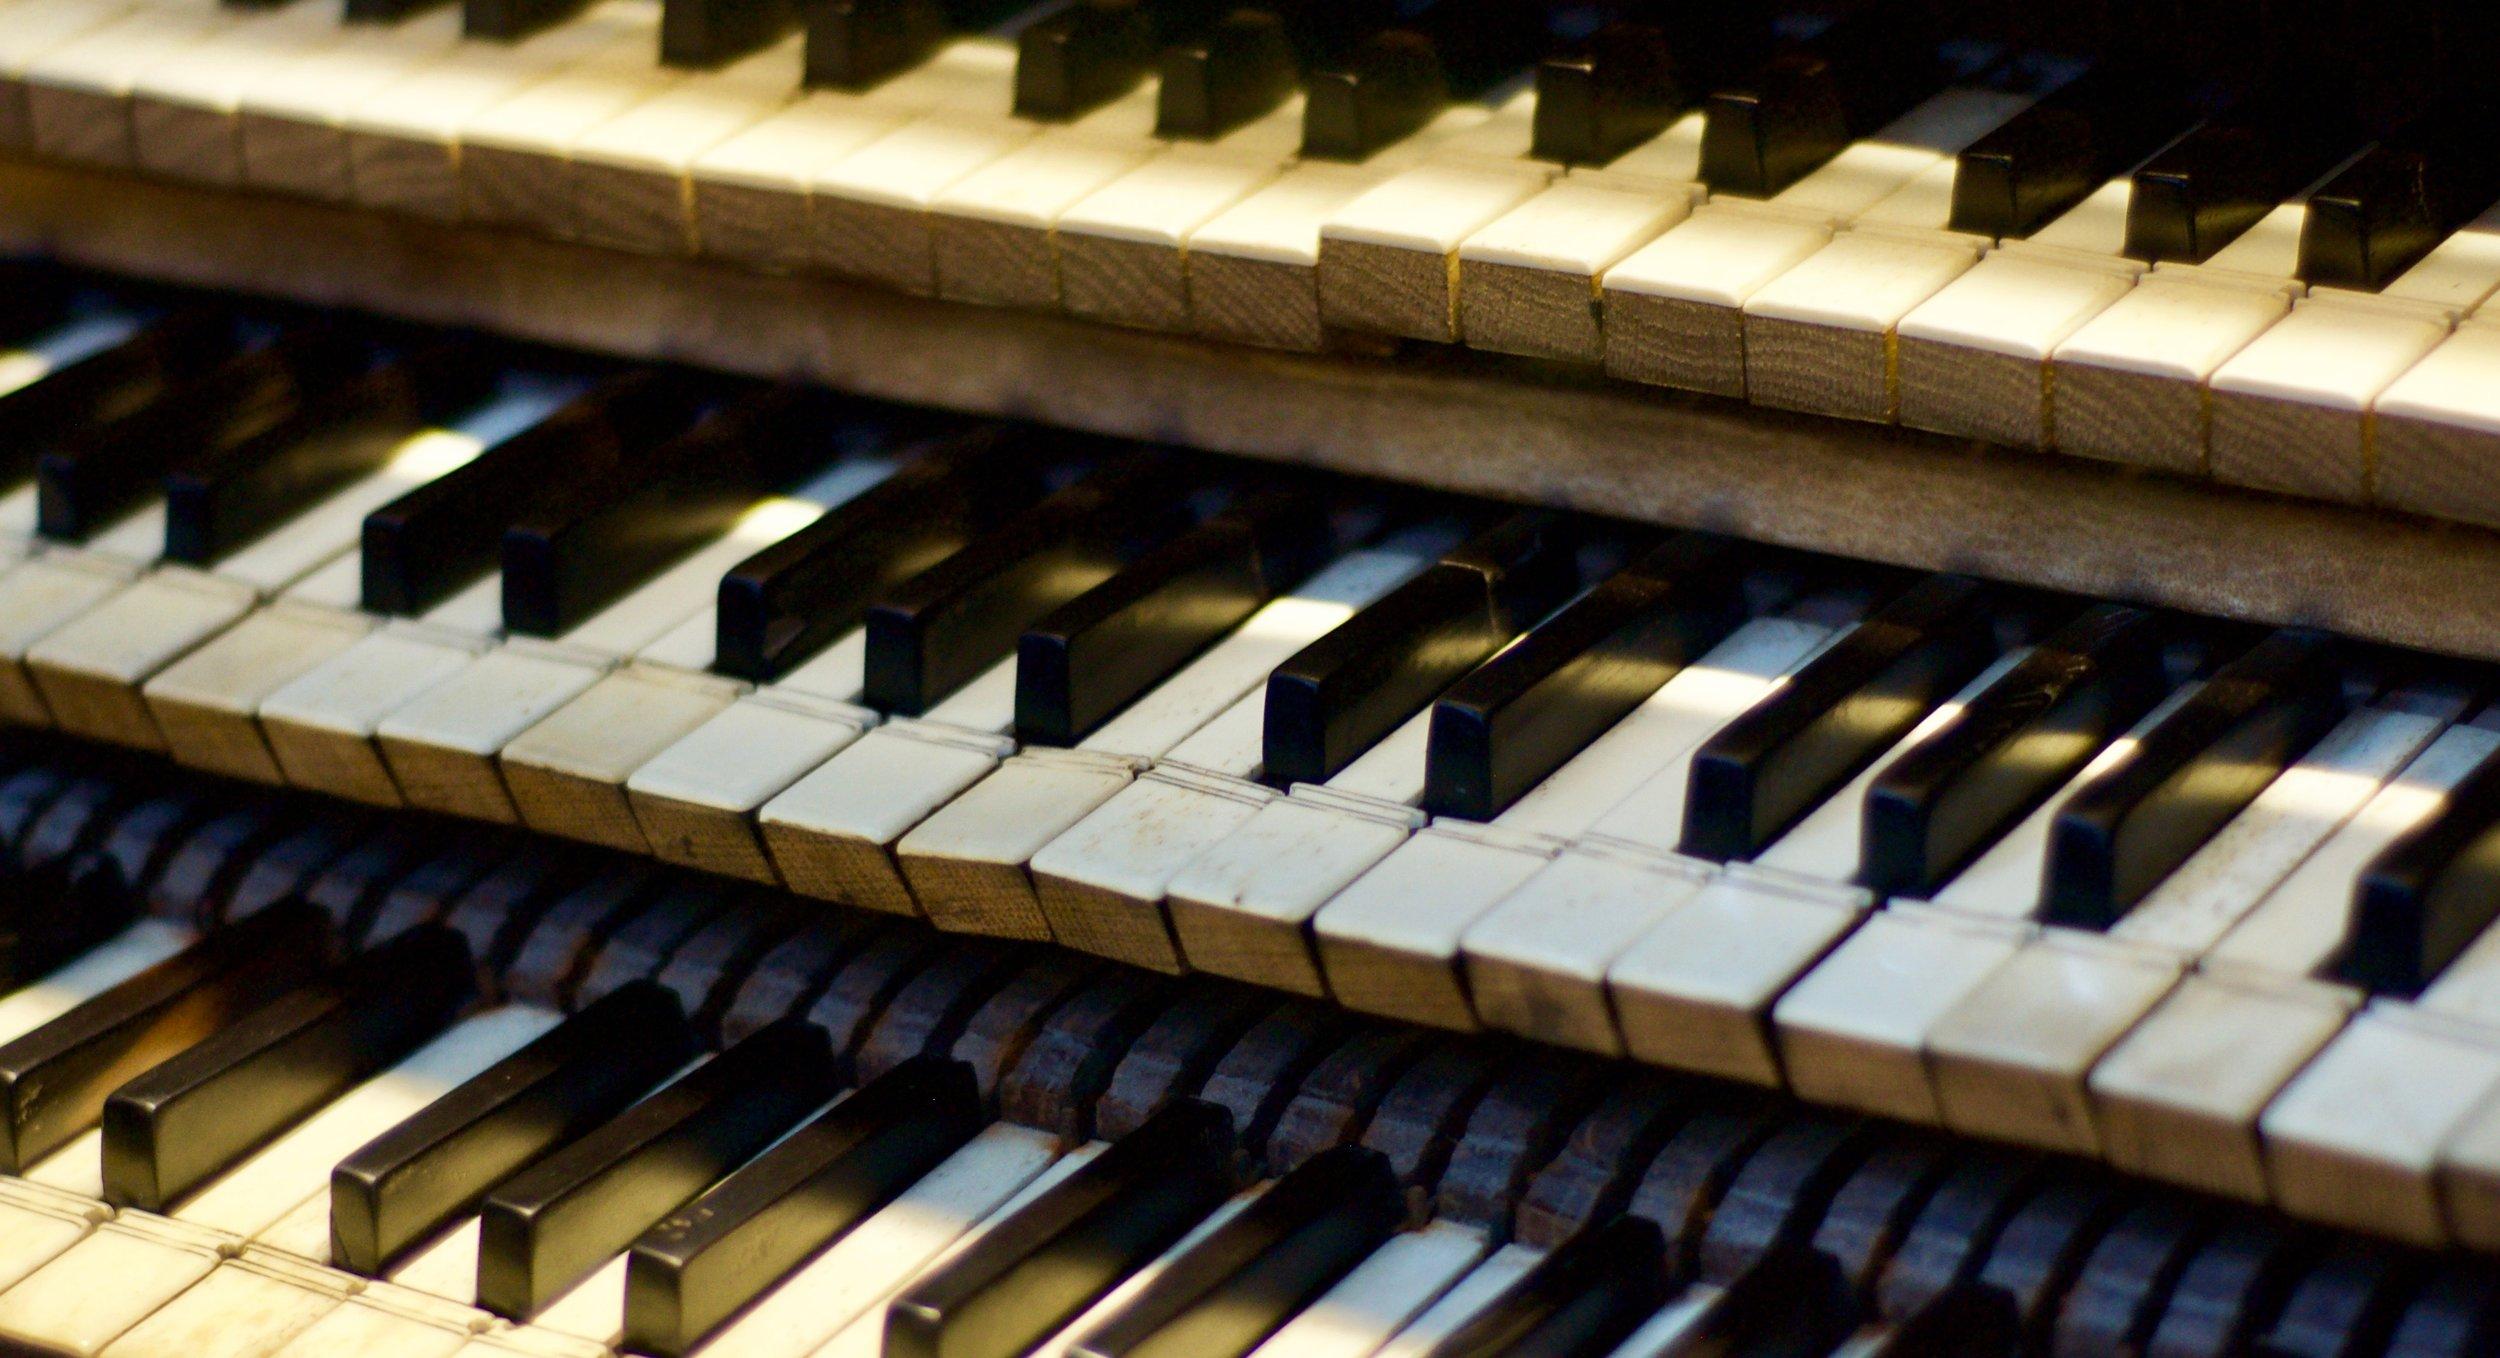 The keyboard of Rozay-en-Brie